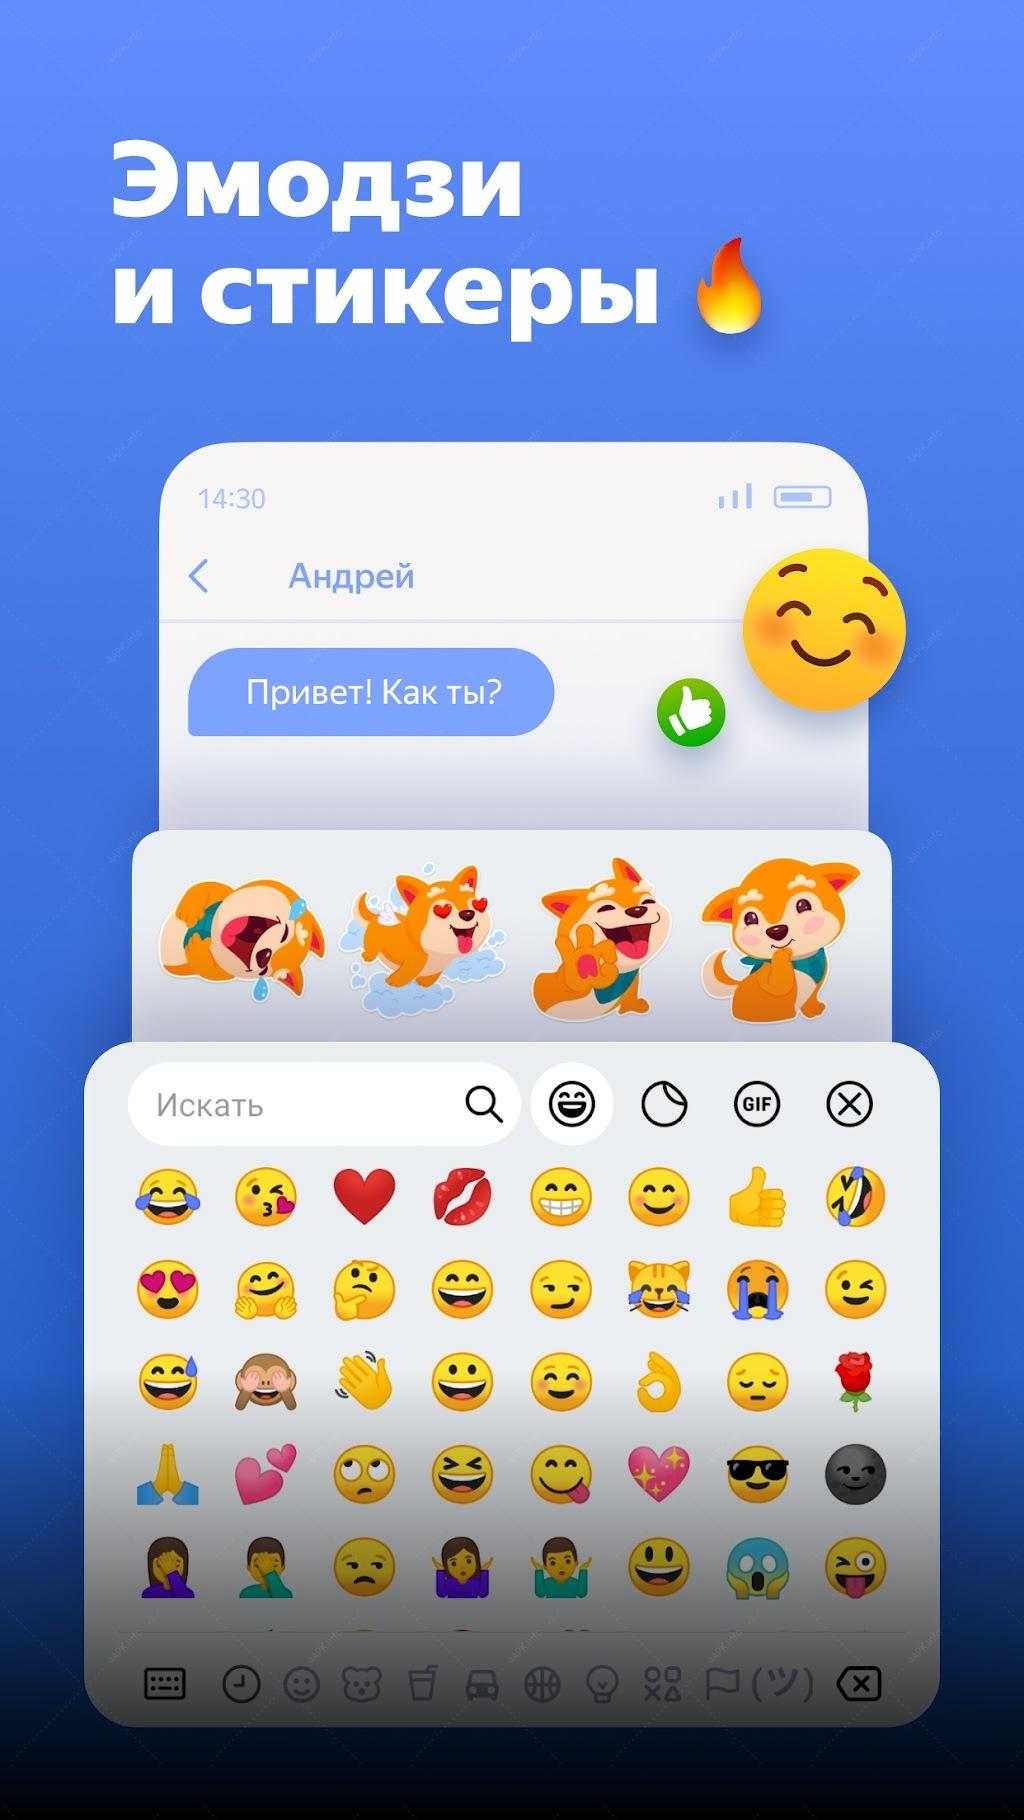 Яндекс.Клавиатура screenshot